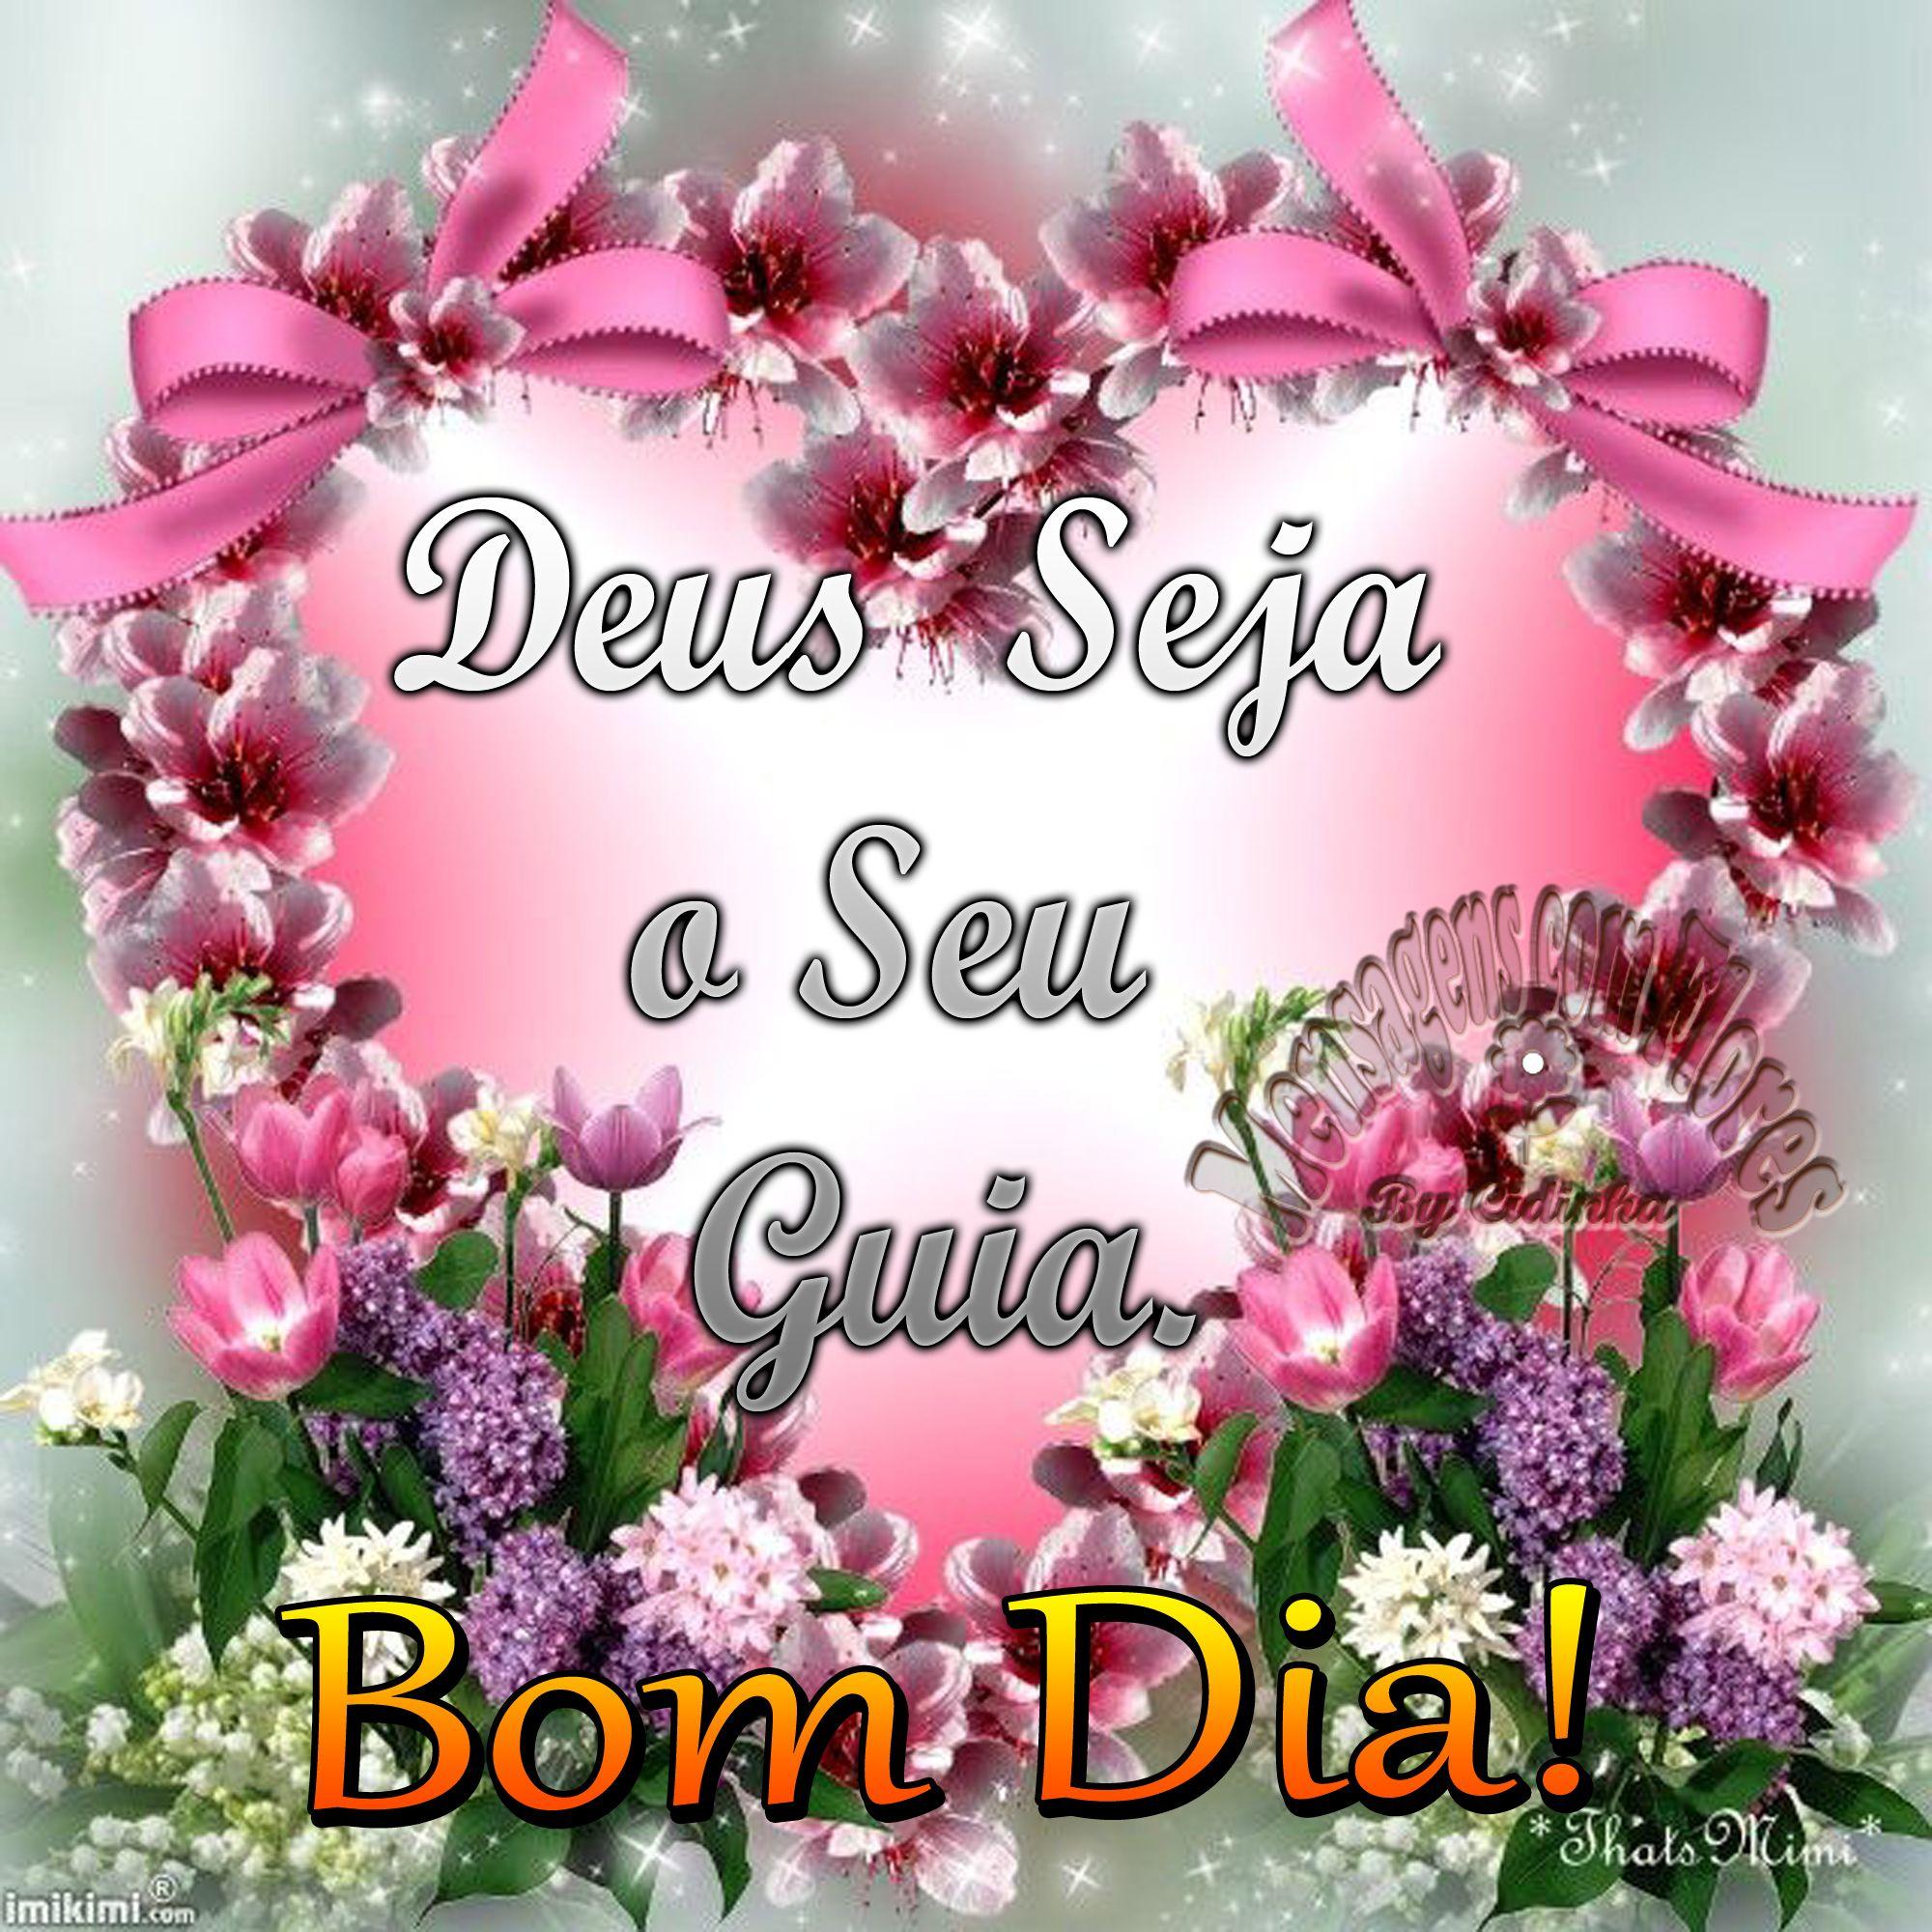 Pin by Cidinha Nóbrega on Mensagens com Flores | Pinterest